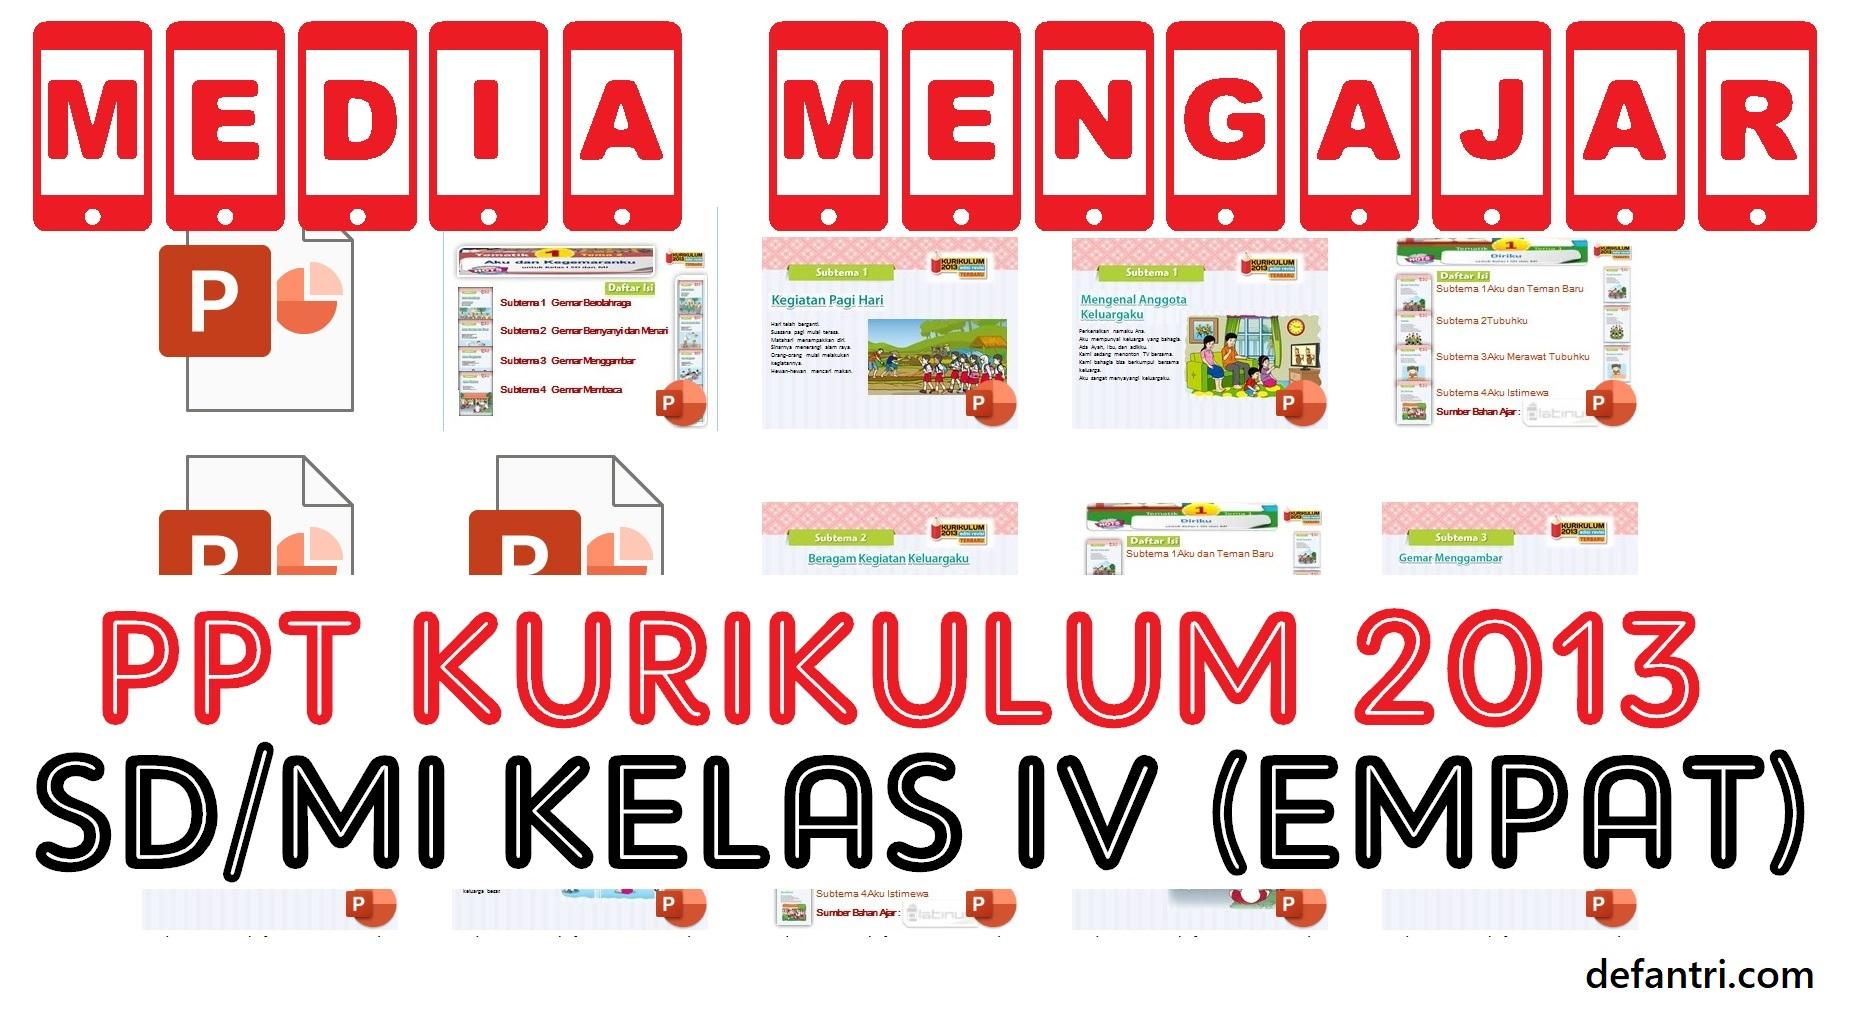 Download Media Pembelajaran PowerPoint Kurikulum 2013 Sekolah Dasar (SD) atau Madrasah Ibtidaiyah (MI) Kelas IV (Empat) Semua Tema